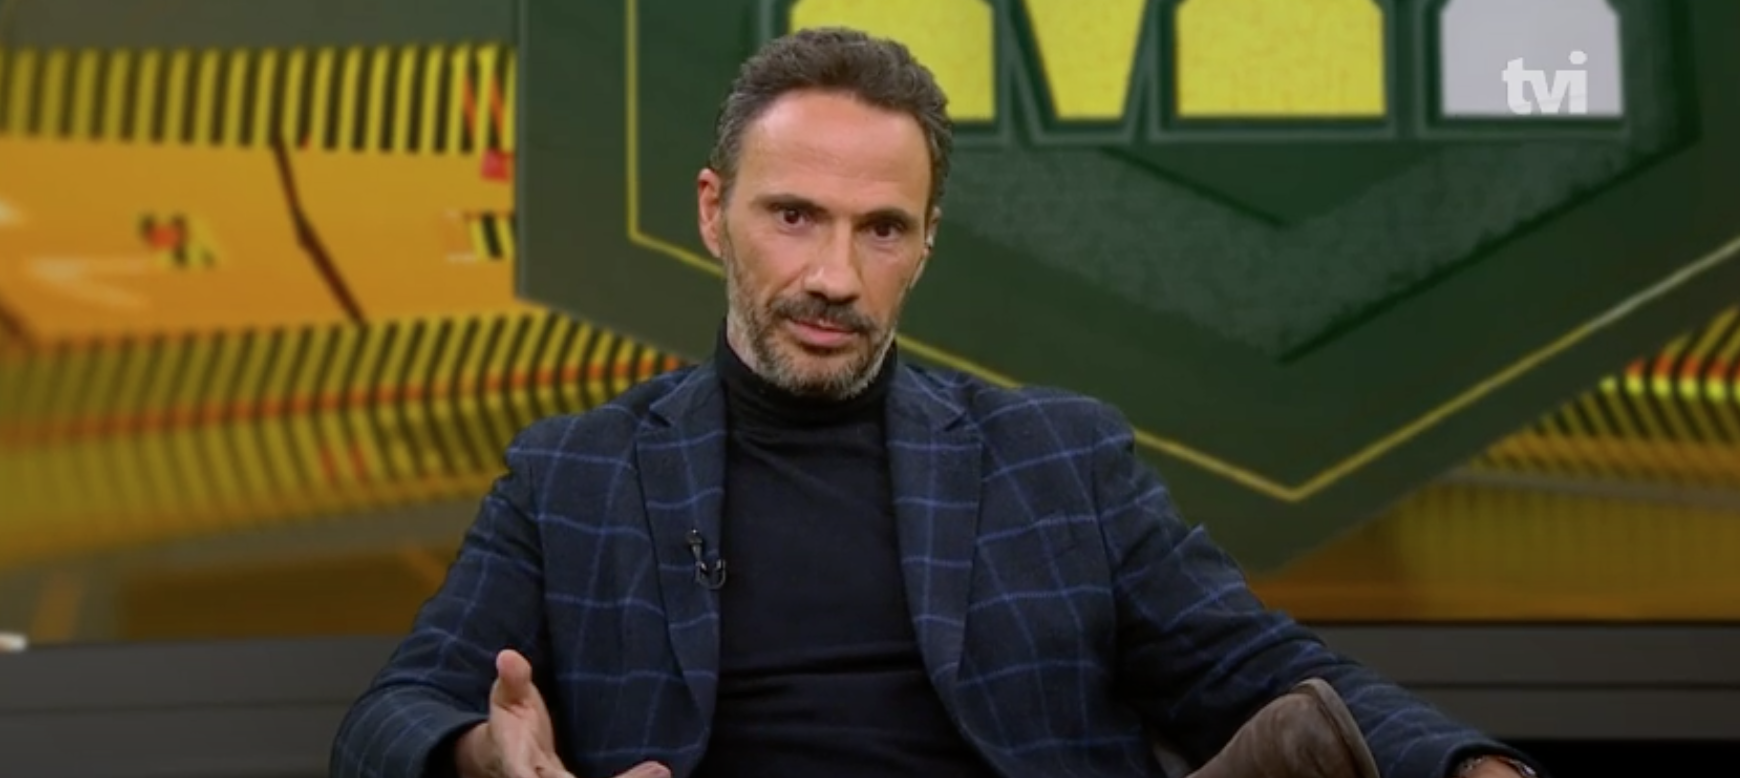 """TVI24. Pedro Ribeiro sai do programa """"Mais Futebol"""": """"Vai doer um bocadinho"""""""